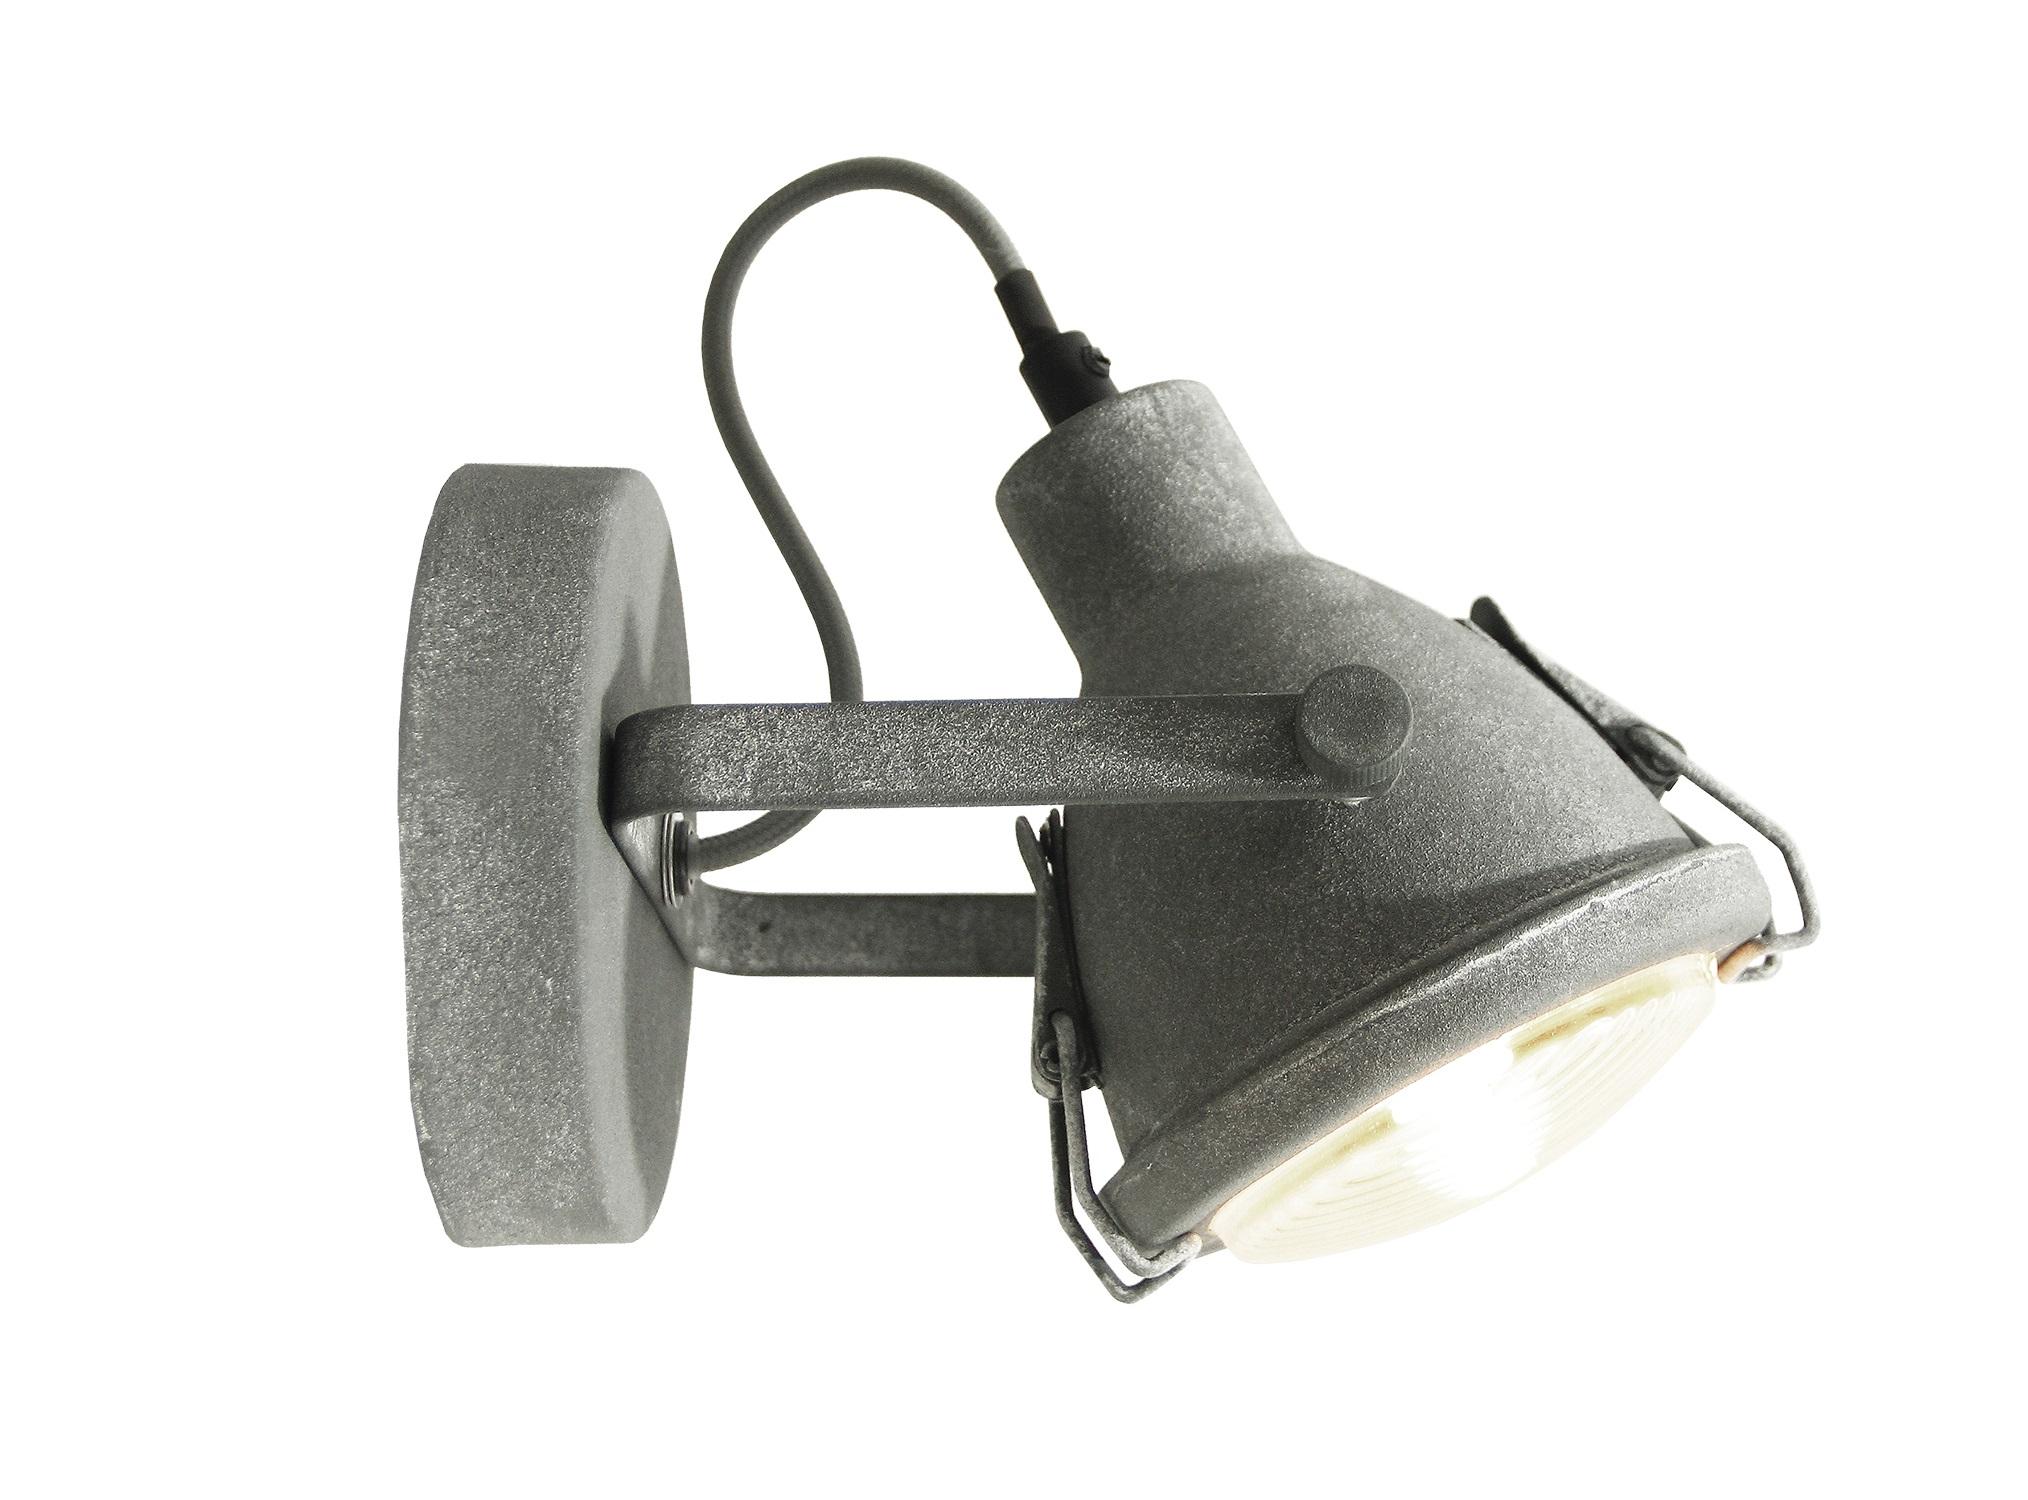 Настенно-потолочный светильникСпоты<br>&amp;lt;div&amp;gt;&amp;lt;div&amp;gt;Вид цоколя: E14&amp;lt;/div&amp;gt;&amp;lt;div&amp;gt;Мощность: 40W&amp;lt;/div&amp;gt;&amp;lt;div&amp;gt;Количество ламп: 1&amp;lt;/div&amp;gt;&amp;lt;div&amp;gt;Наличие ламп: отсутствуют.&amp;lt;/div&amp;gt;&amp;lt;/div&amp;gt;<br><br>Material: Металл<br>Length см: None<br>Width см: 13<br>Depth см: 20<br>Height см: 13